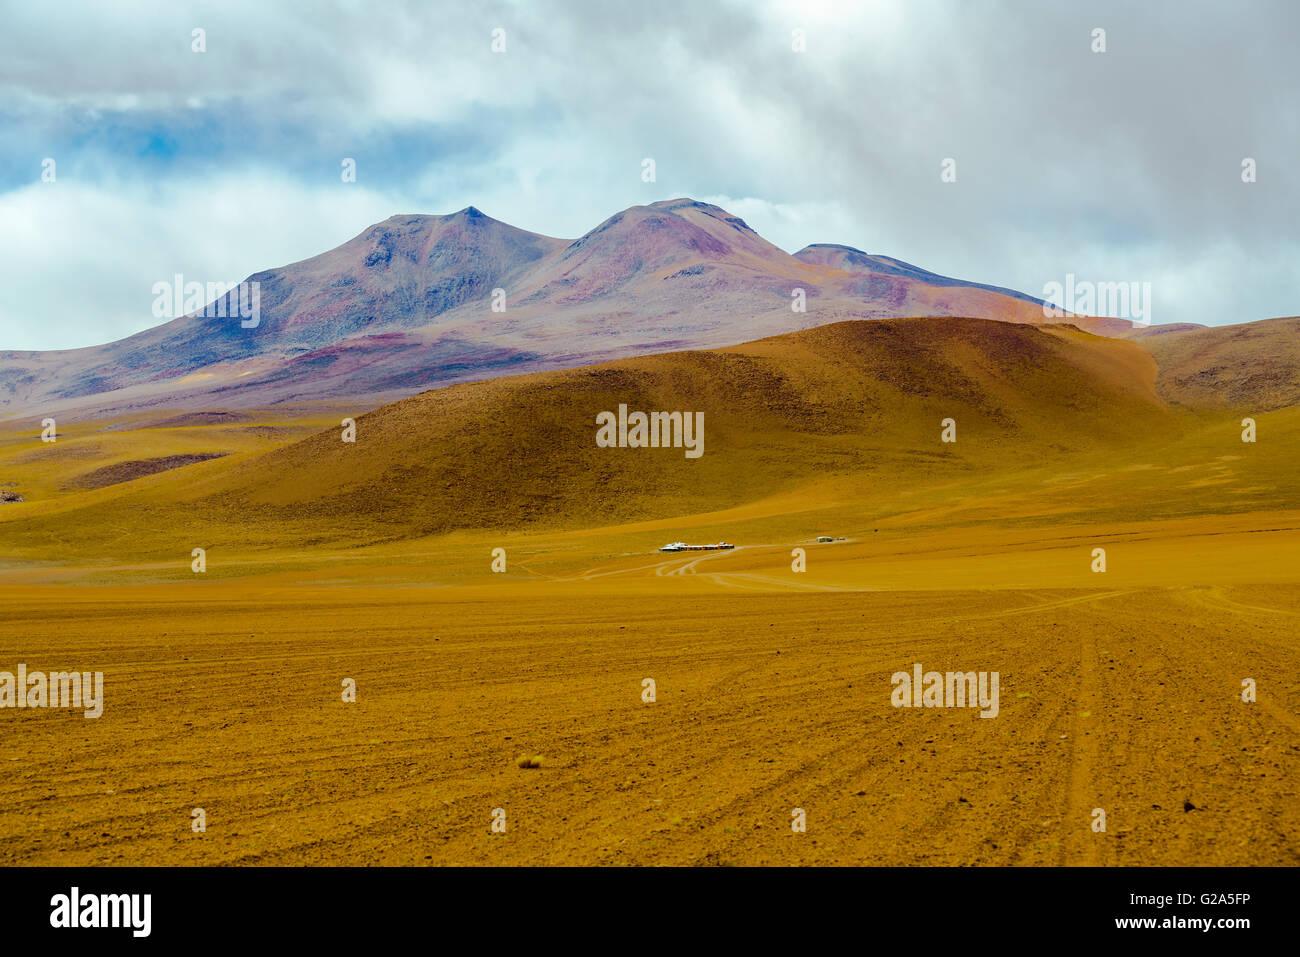 Vistas a la montaña y desierto en el Salar de Uyuni, Bolivia Imagen De Stock